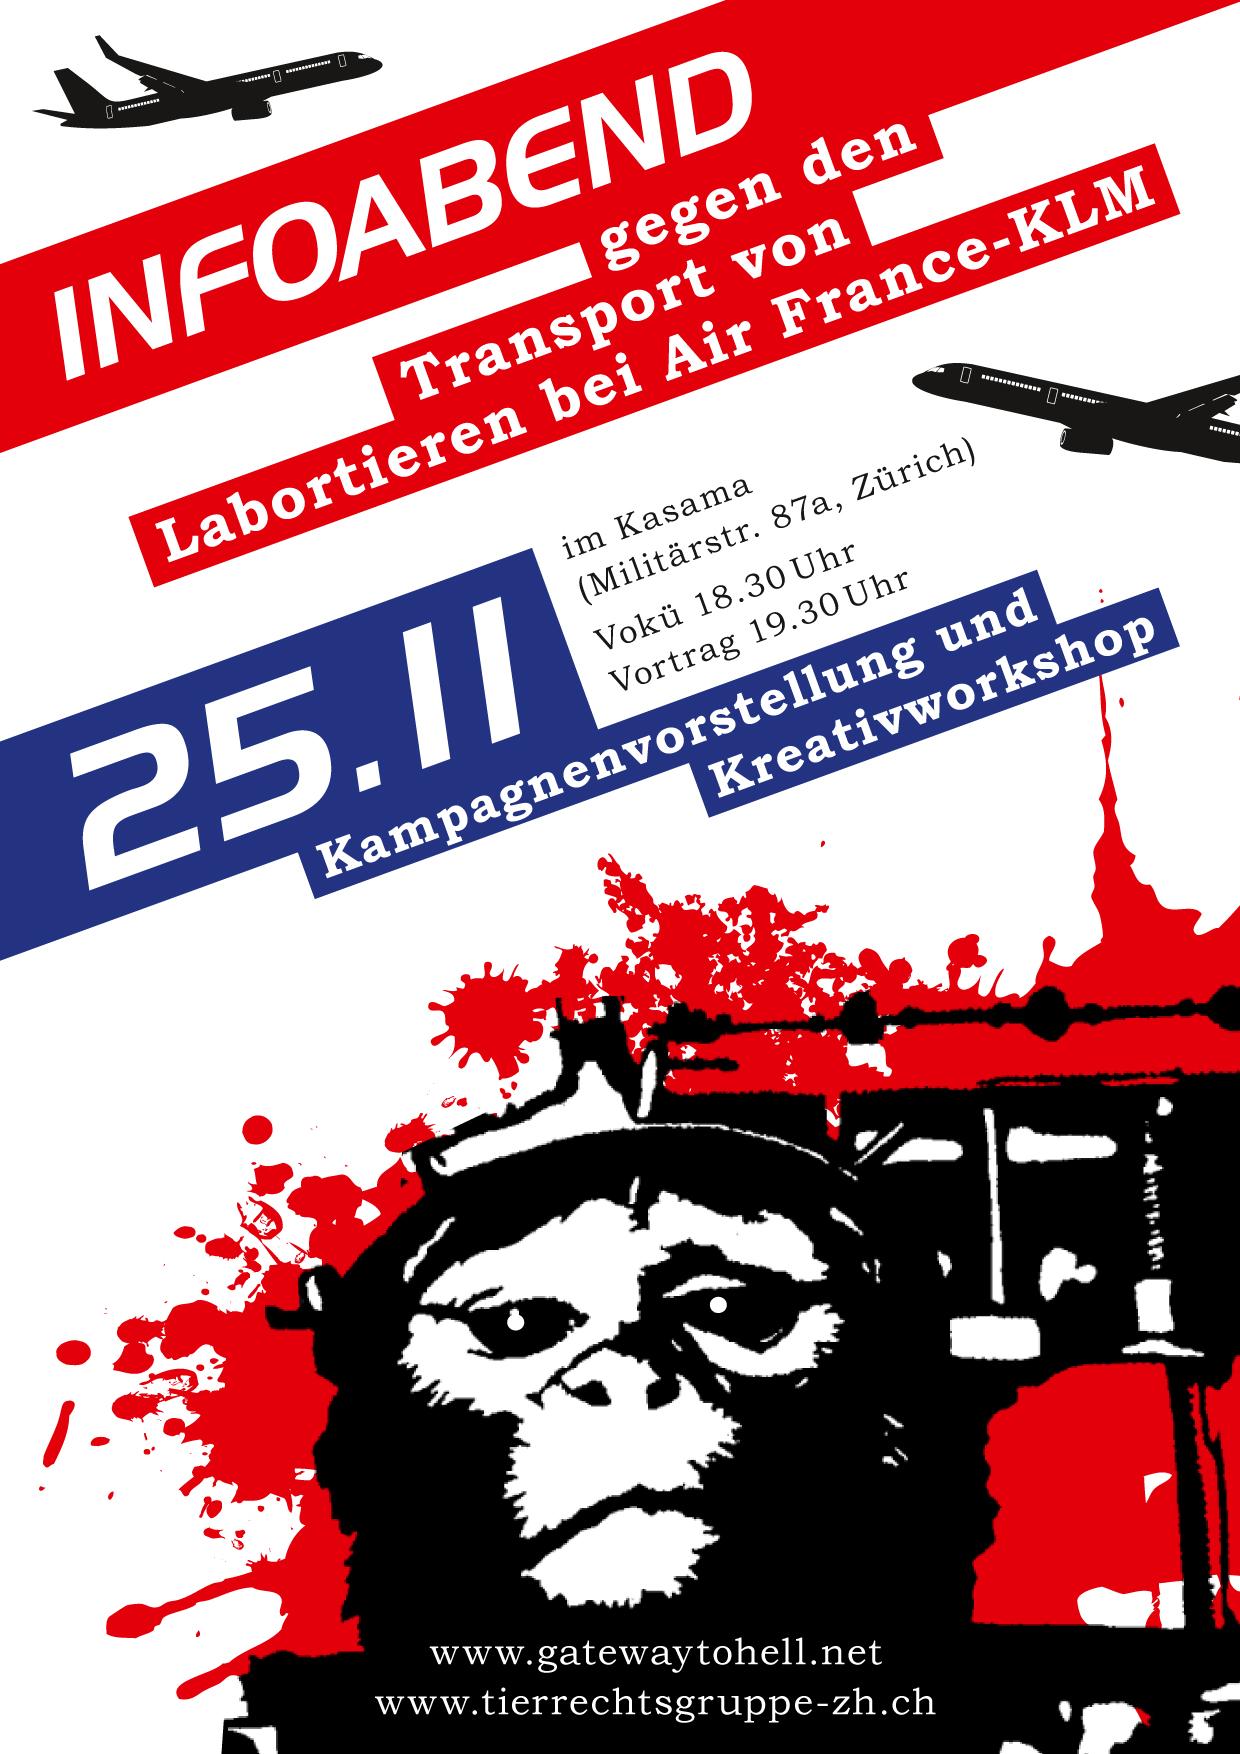 Vortrag Air France